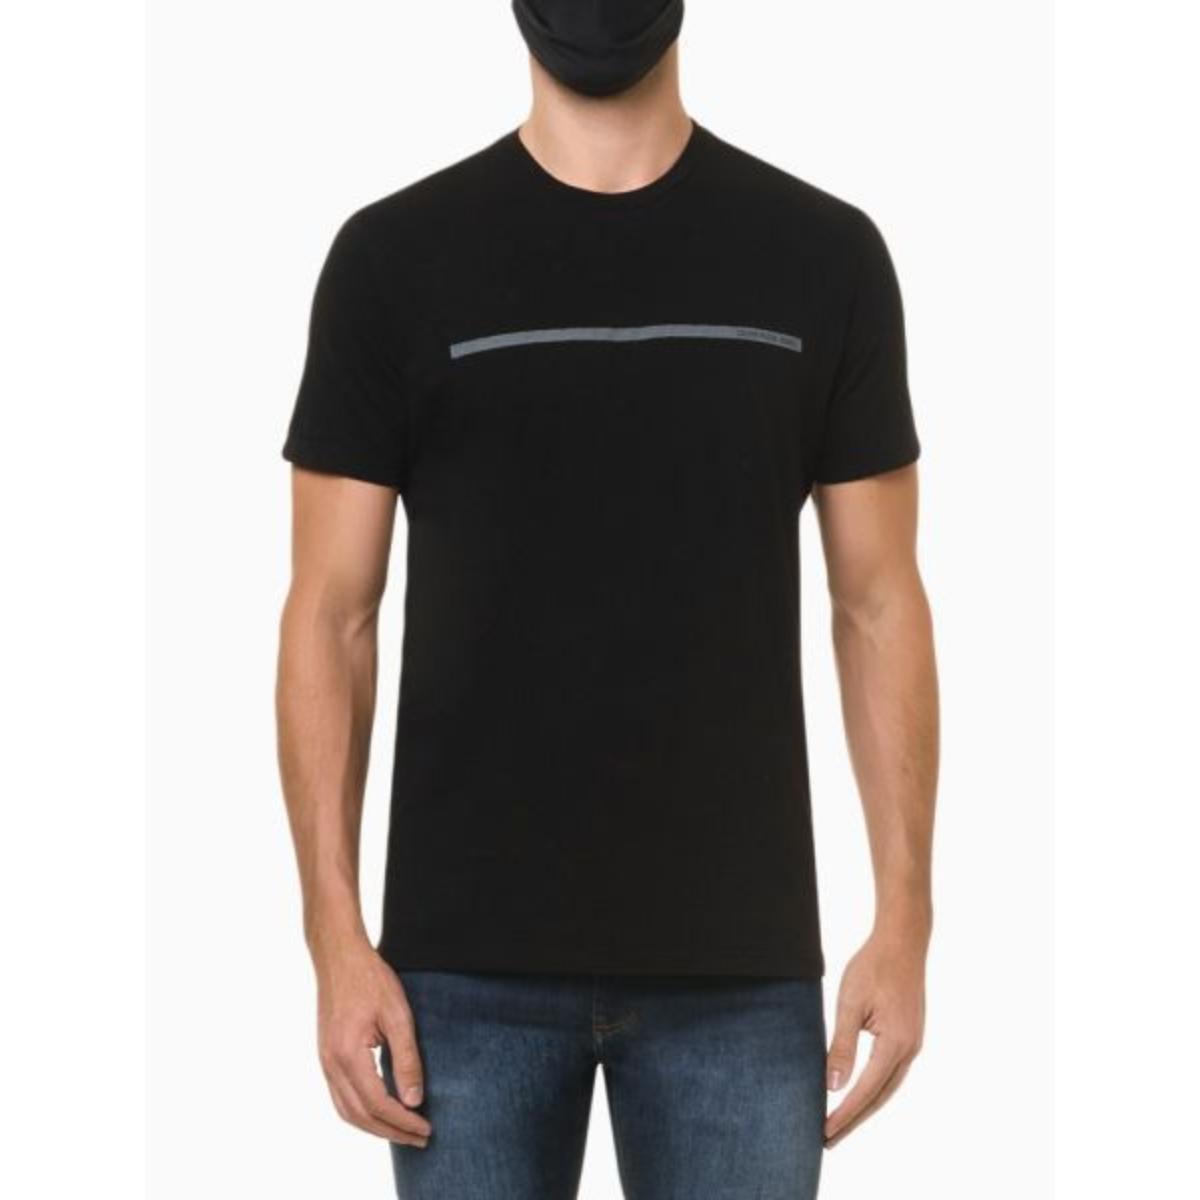 Camiseta Masculina Calvin Klein Ckjm102 Preto